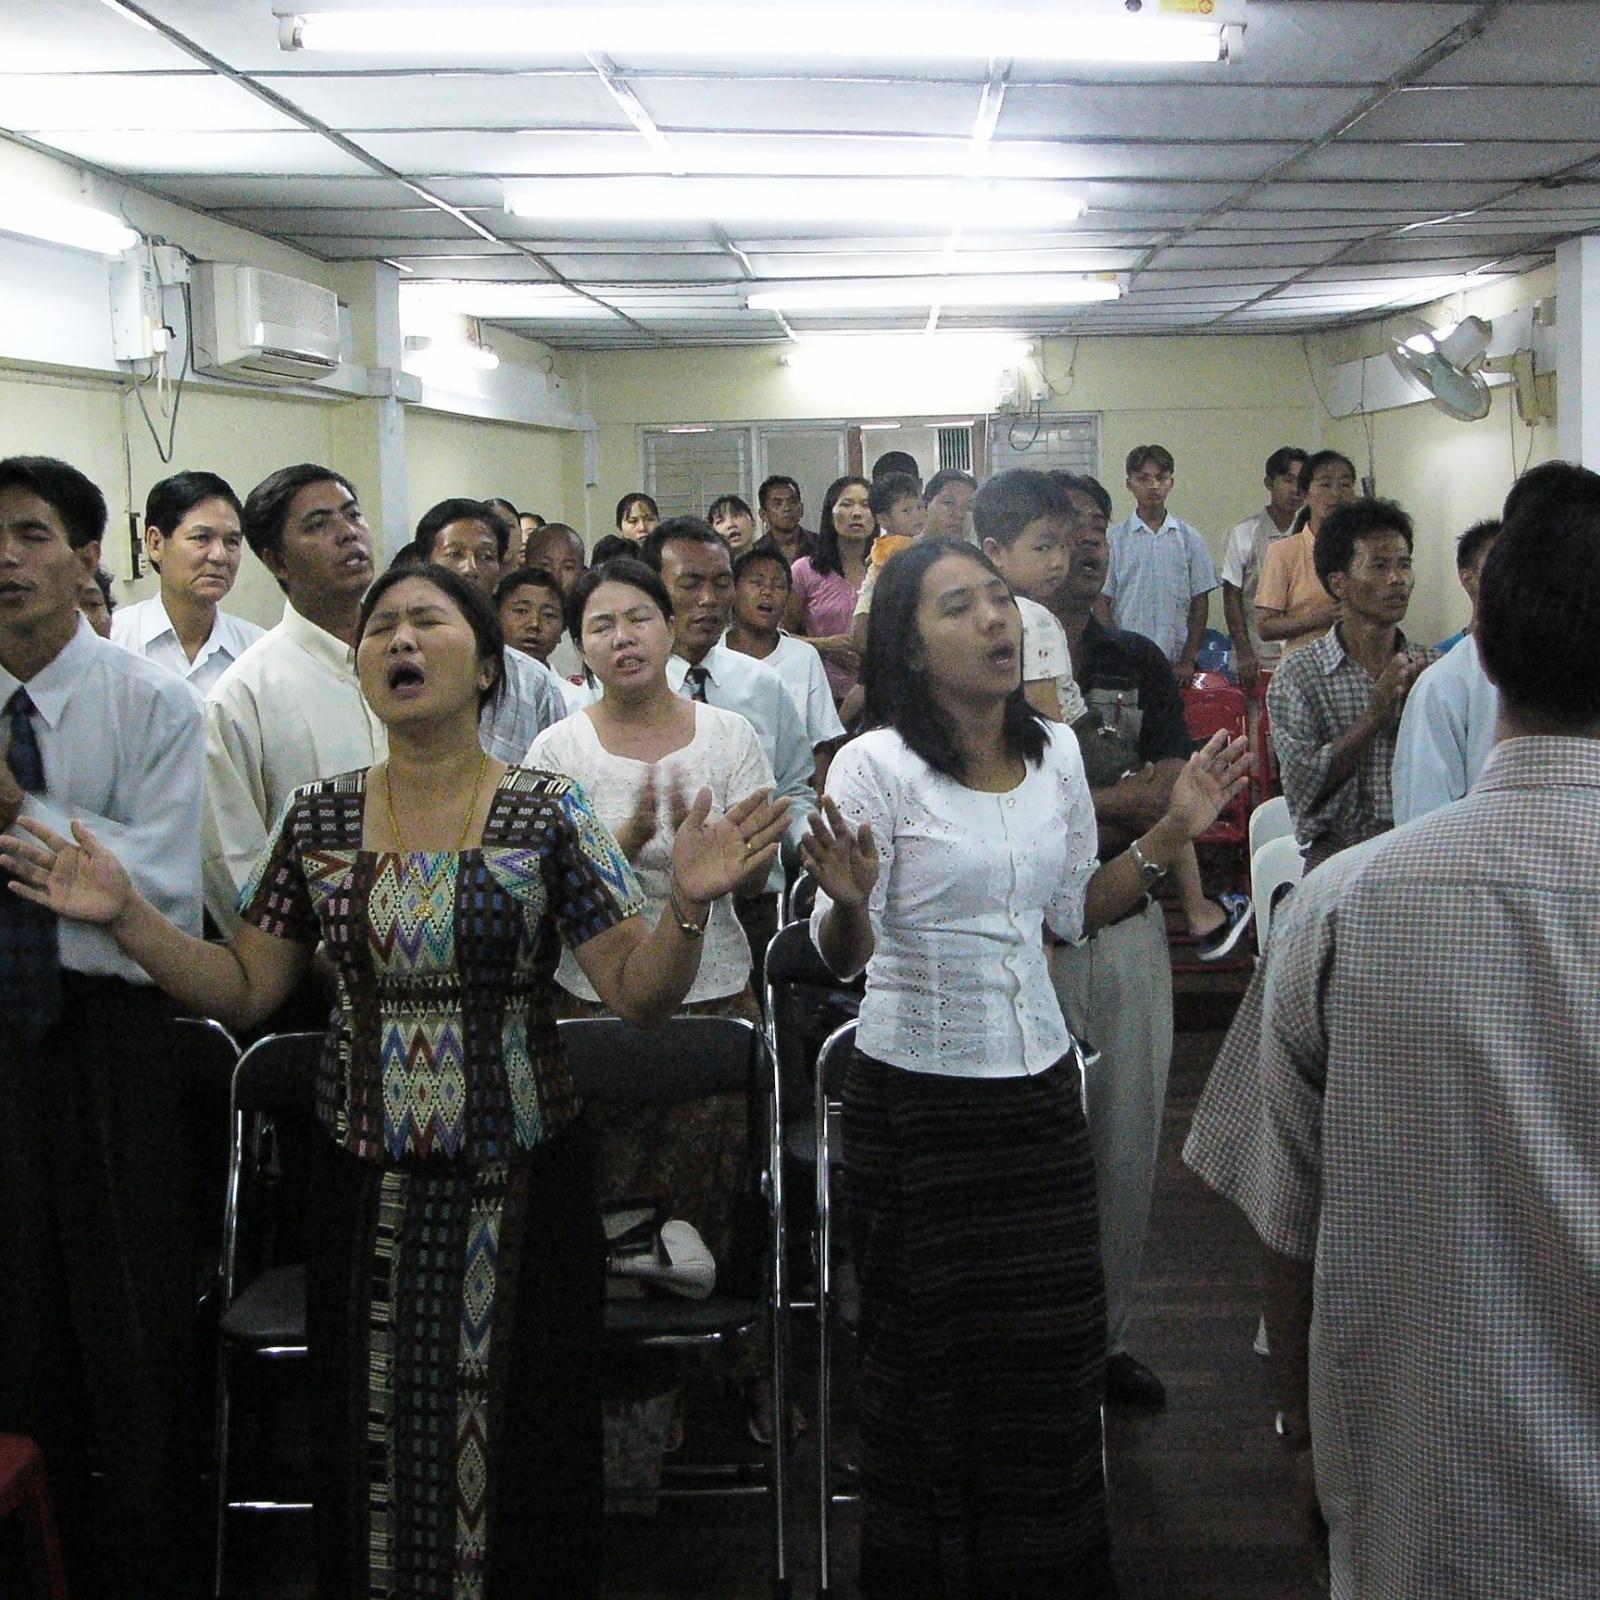 Myanmar church